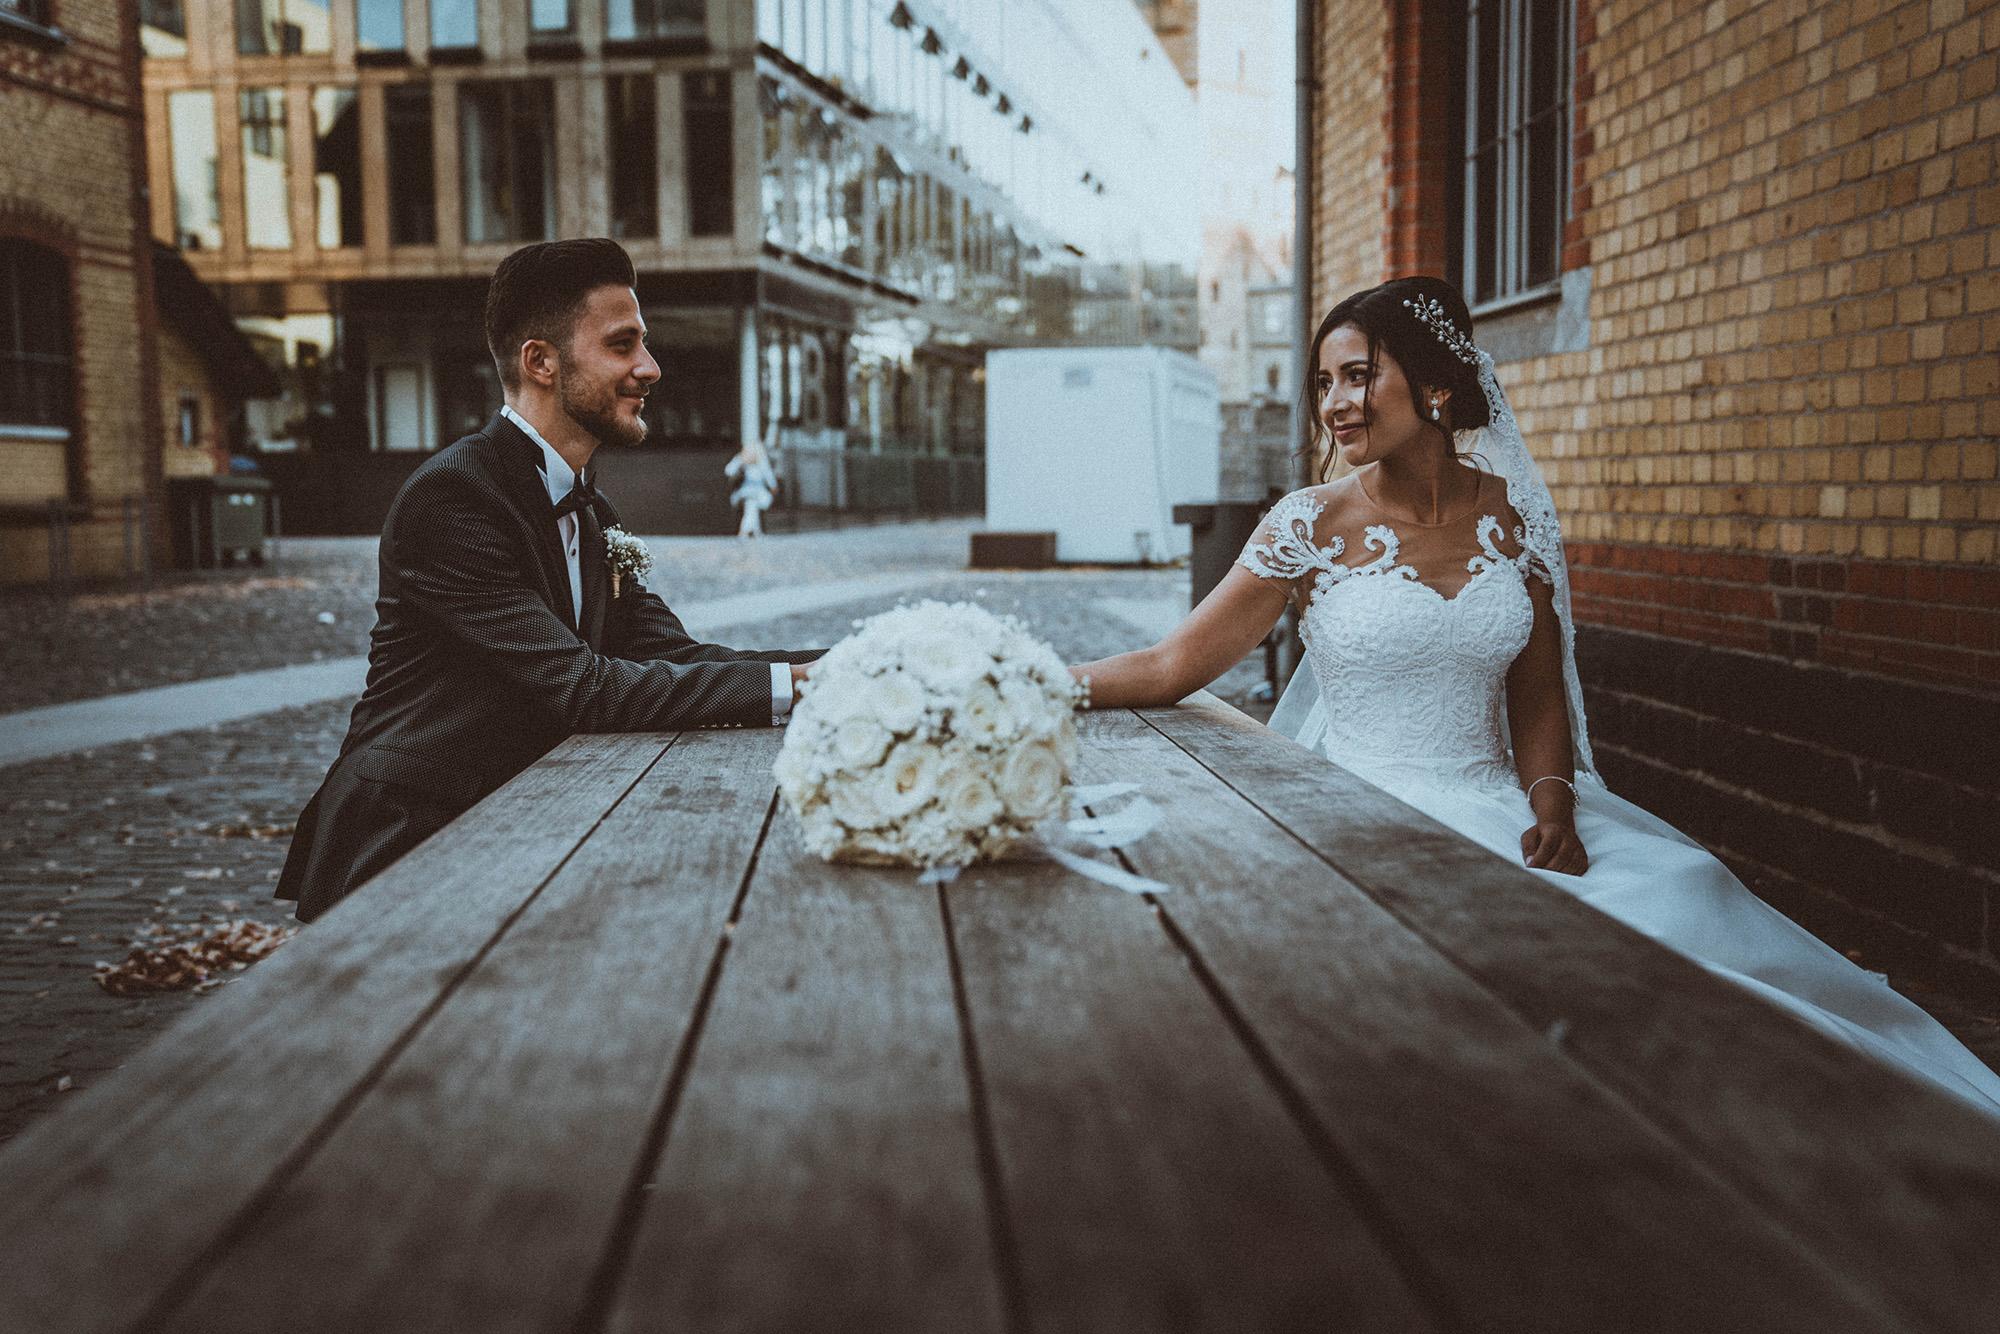 Braut und Bräutigam Hand in Hand  am Tisch .jpg